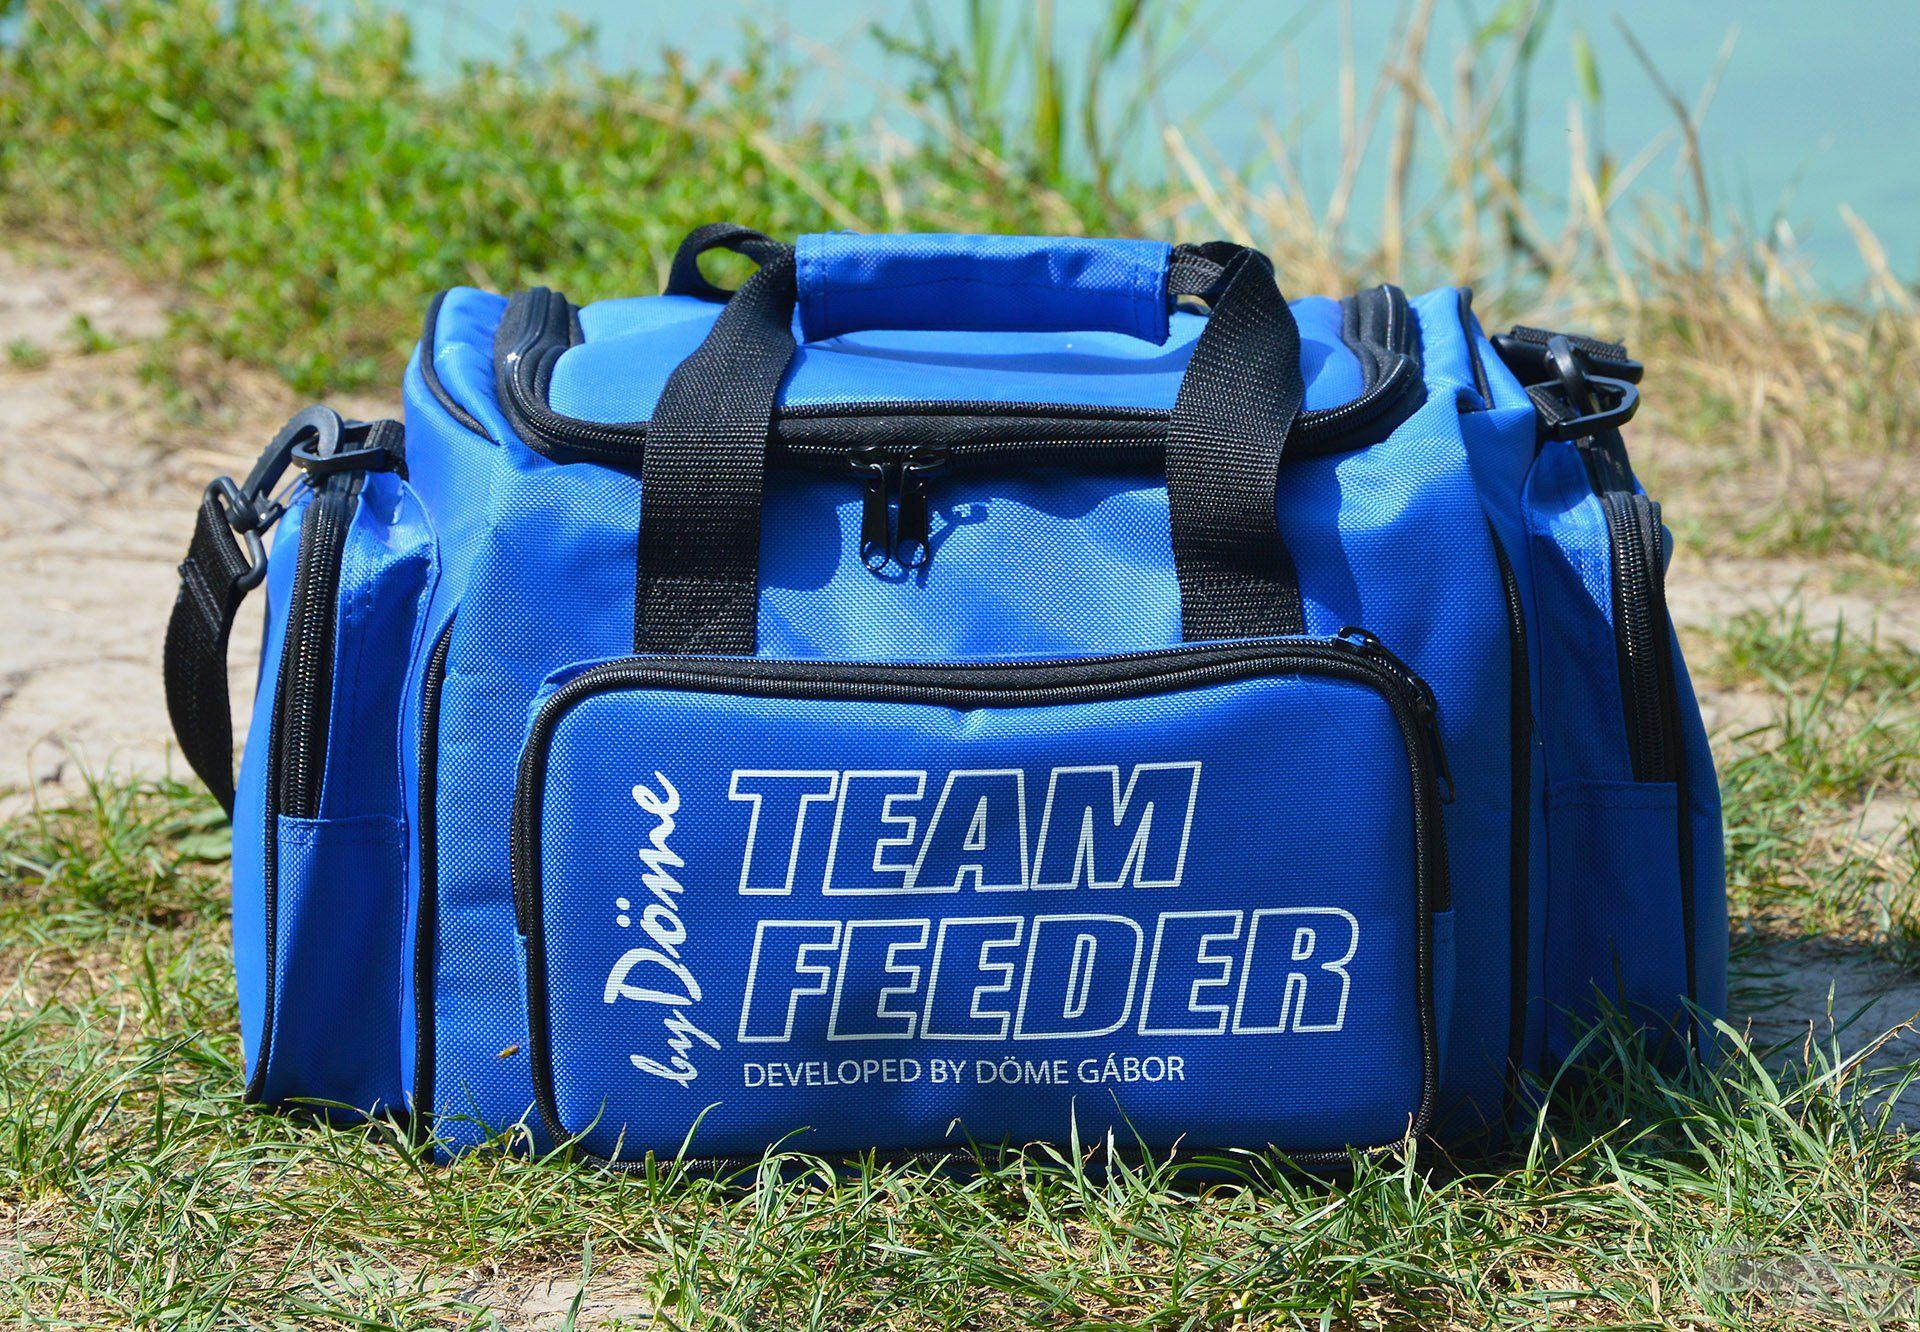 Az előző táska kisebbik testvére, a (normál) Szerelékes táska, amely úgyszintén sok praktikus tulajdonsággal rendelkezik